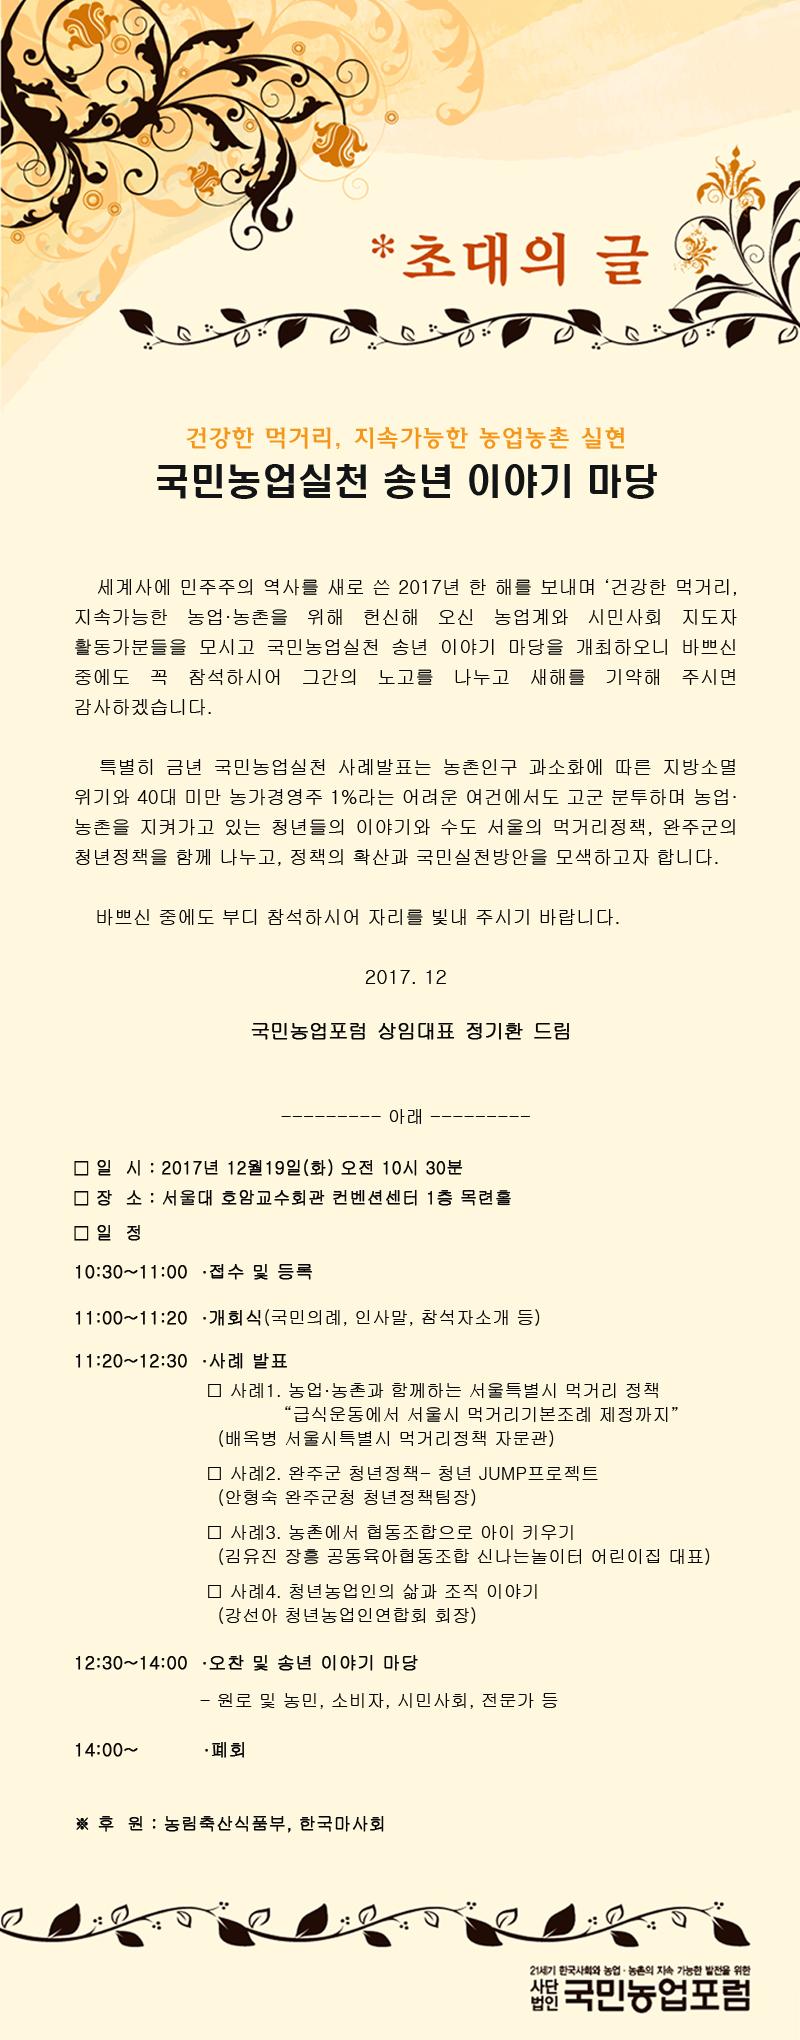 171219_ 실천사례 토론회 초대장(최종).jpg